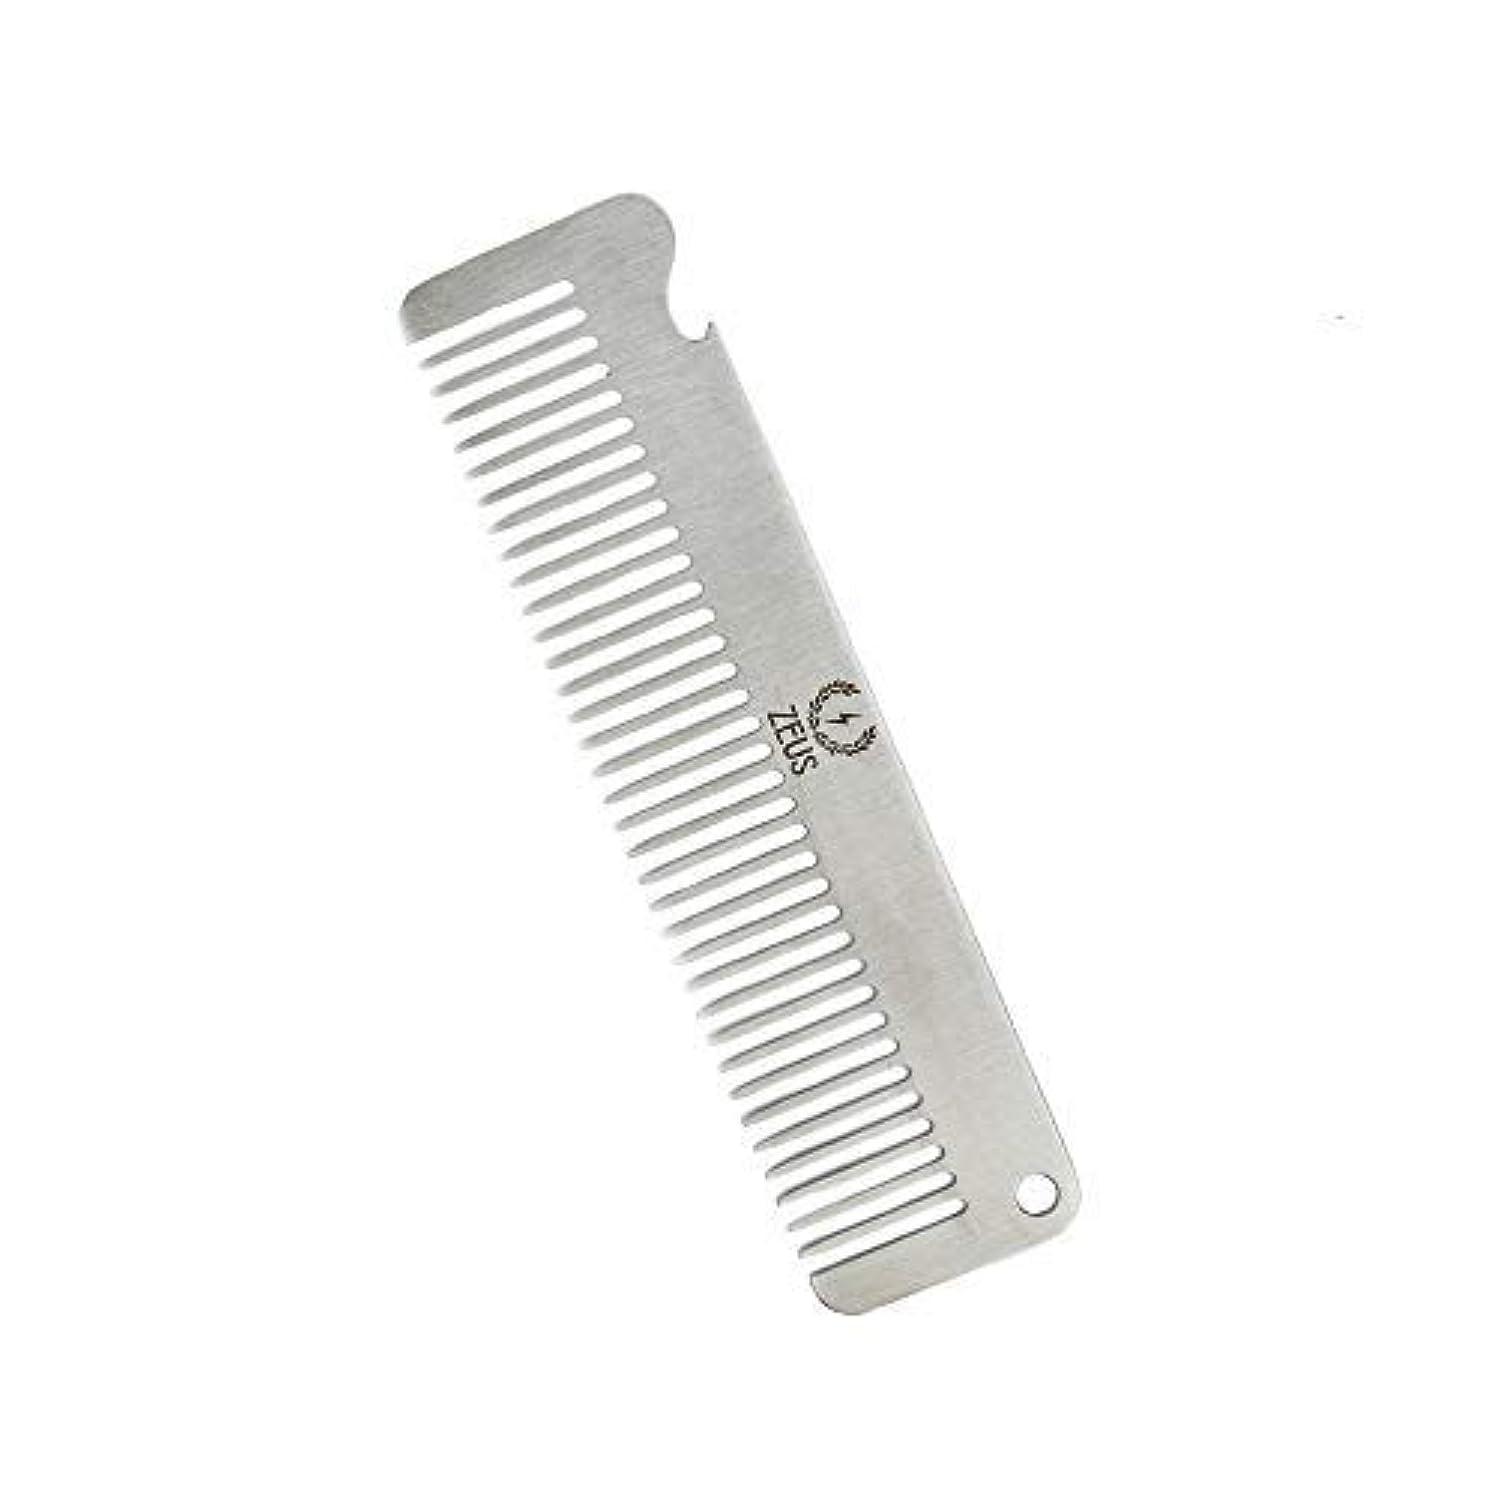 ZEUS Stainless Steel Comb with Bottle Opener - Beard Comb for Men! (Comb) [並行輸入品]